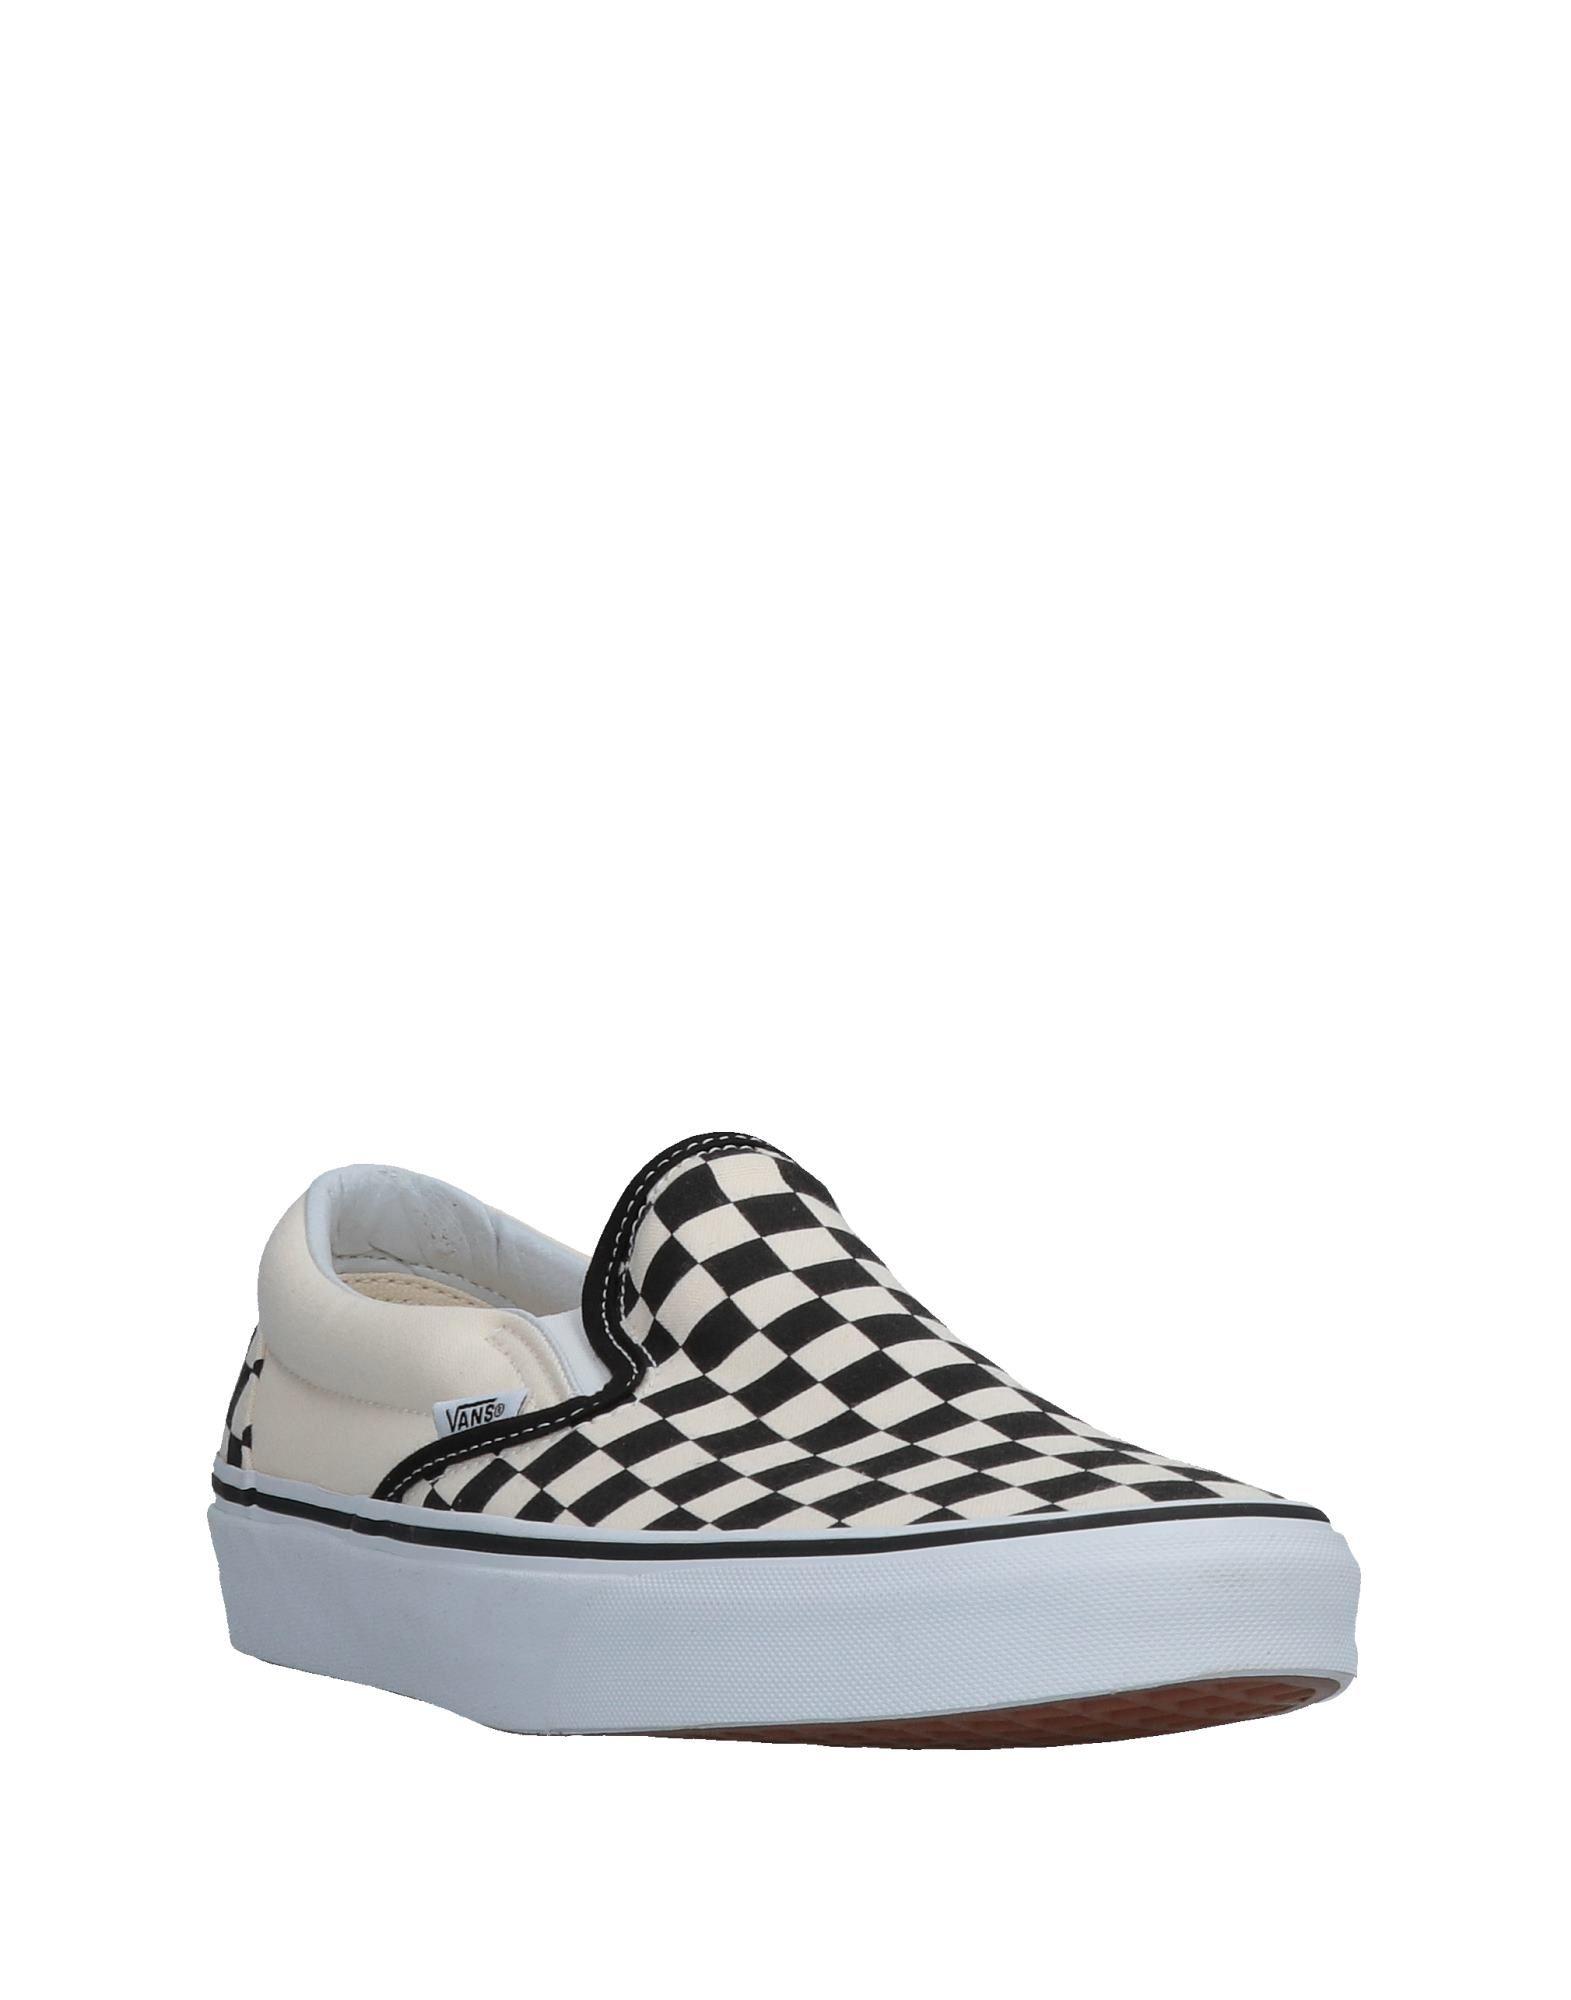 Rabatt Vans echte Schuhe Vans Rabatt Mokassins Herren  11508750CT 92c592